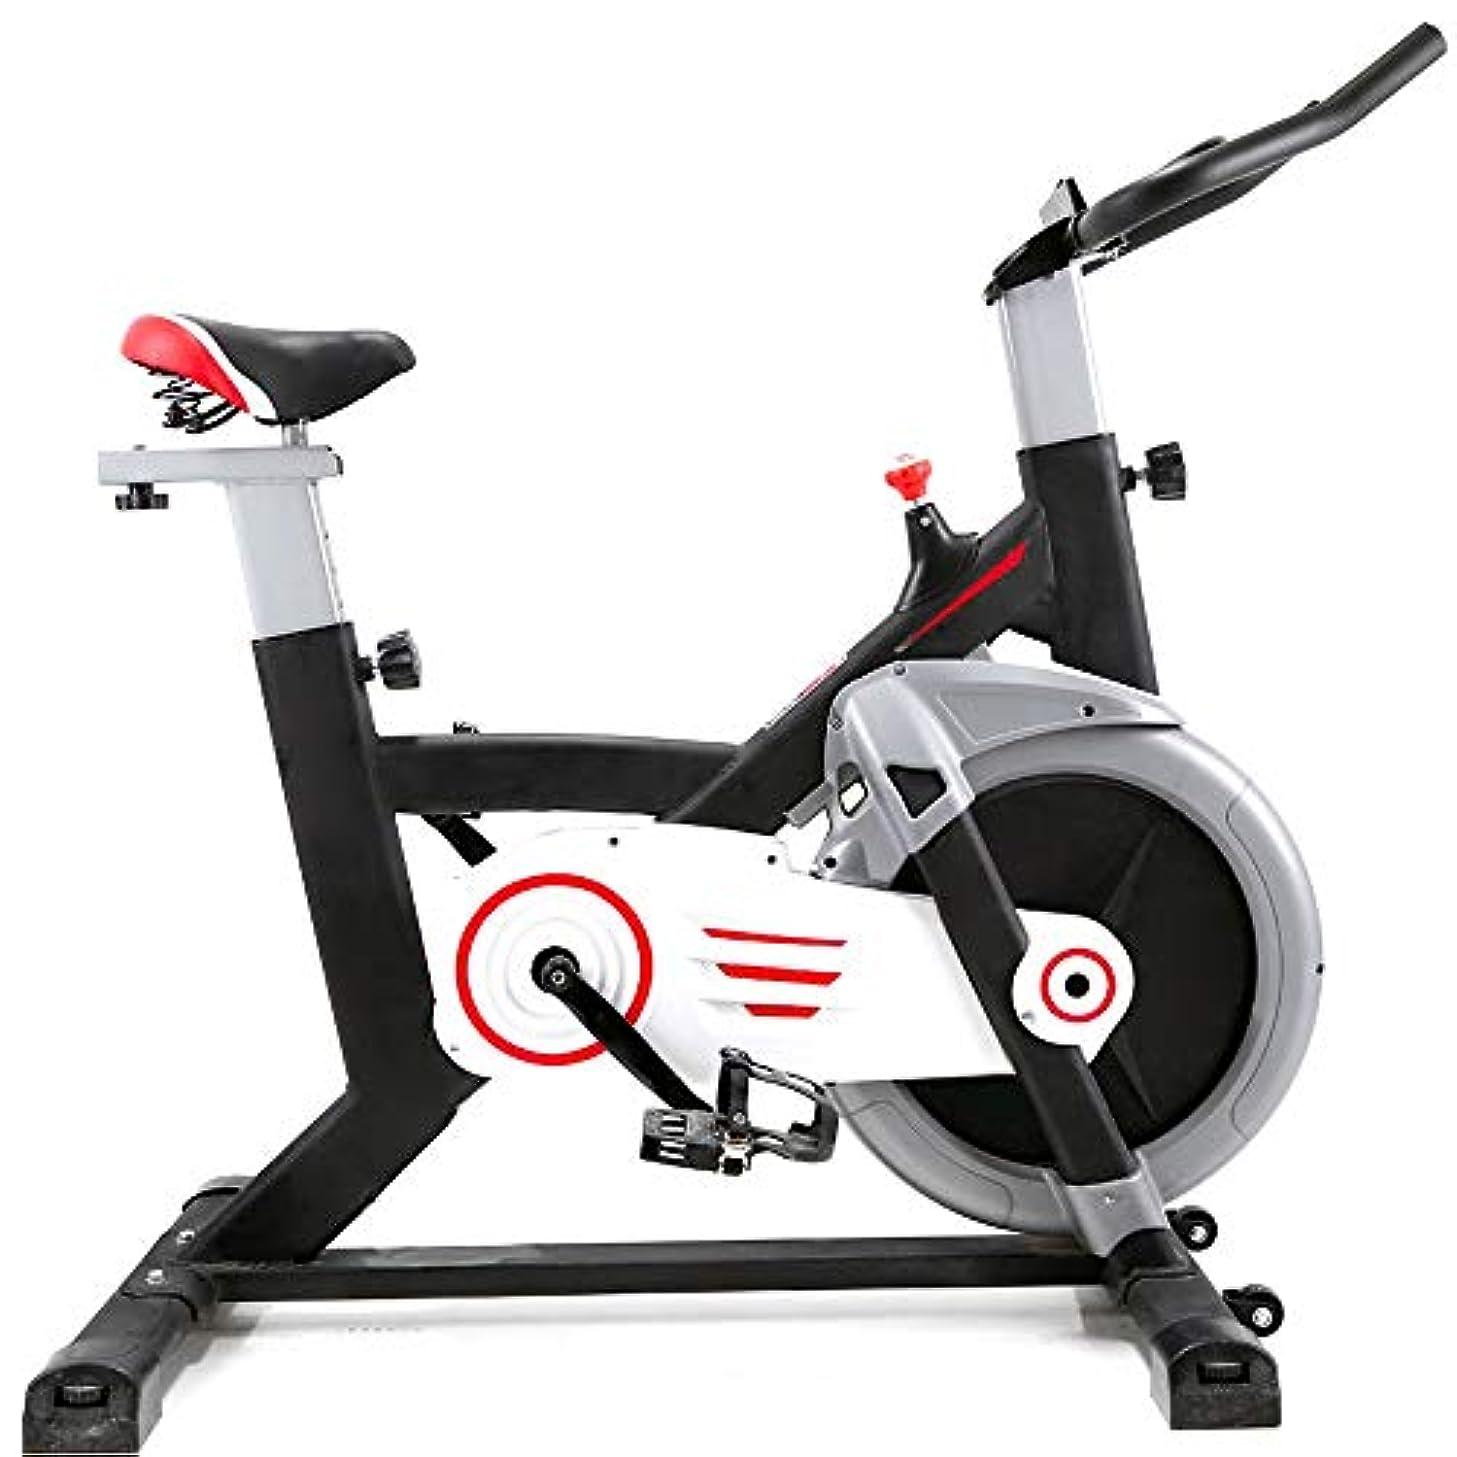 資料休憩するシガレットXIAOYU スピニング超静かな室内エアロバイク、トレッドミル家庭用フィットネス機器 (Color : Black)